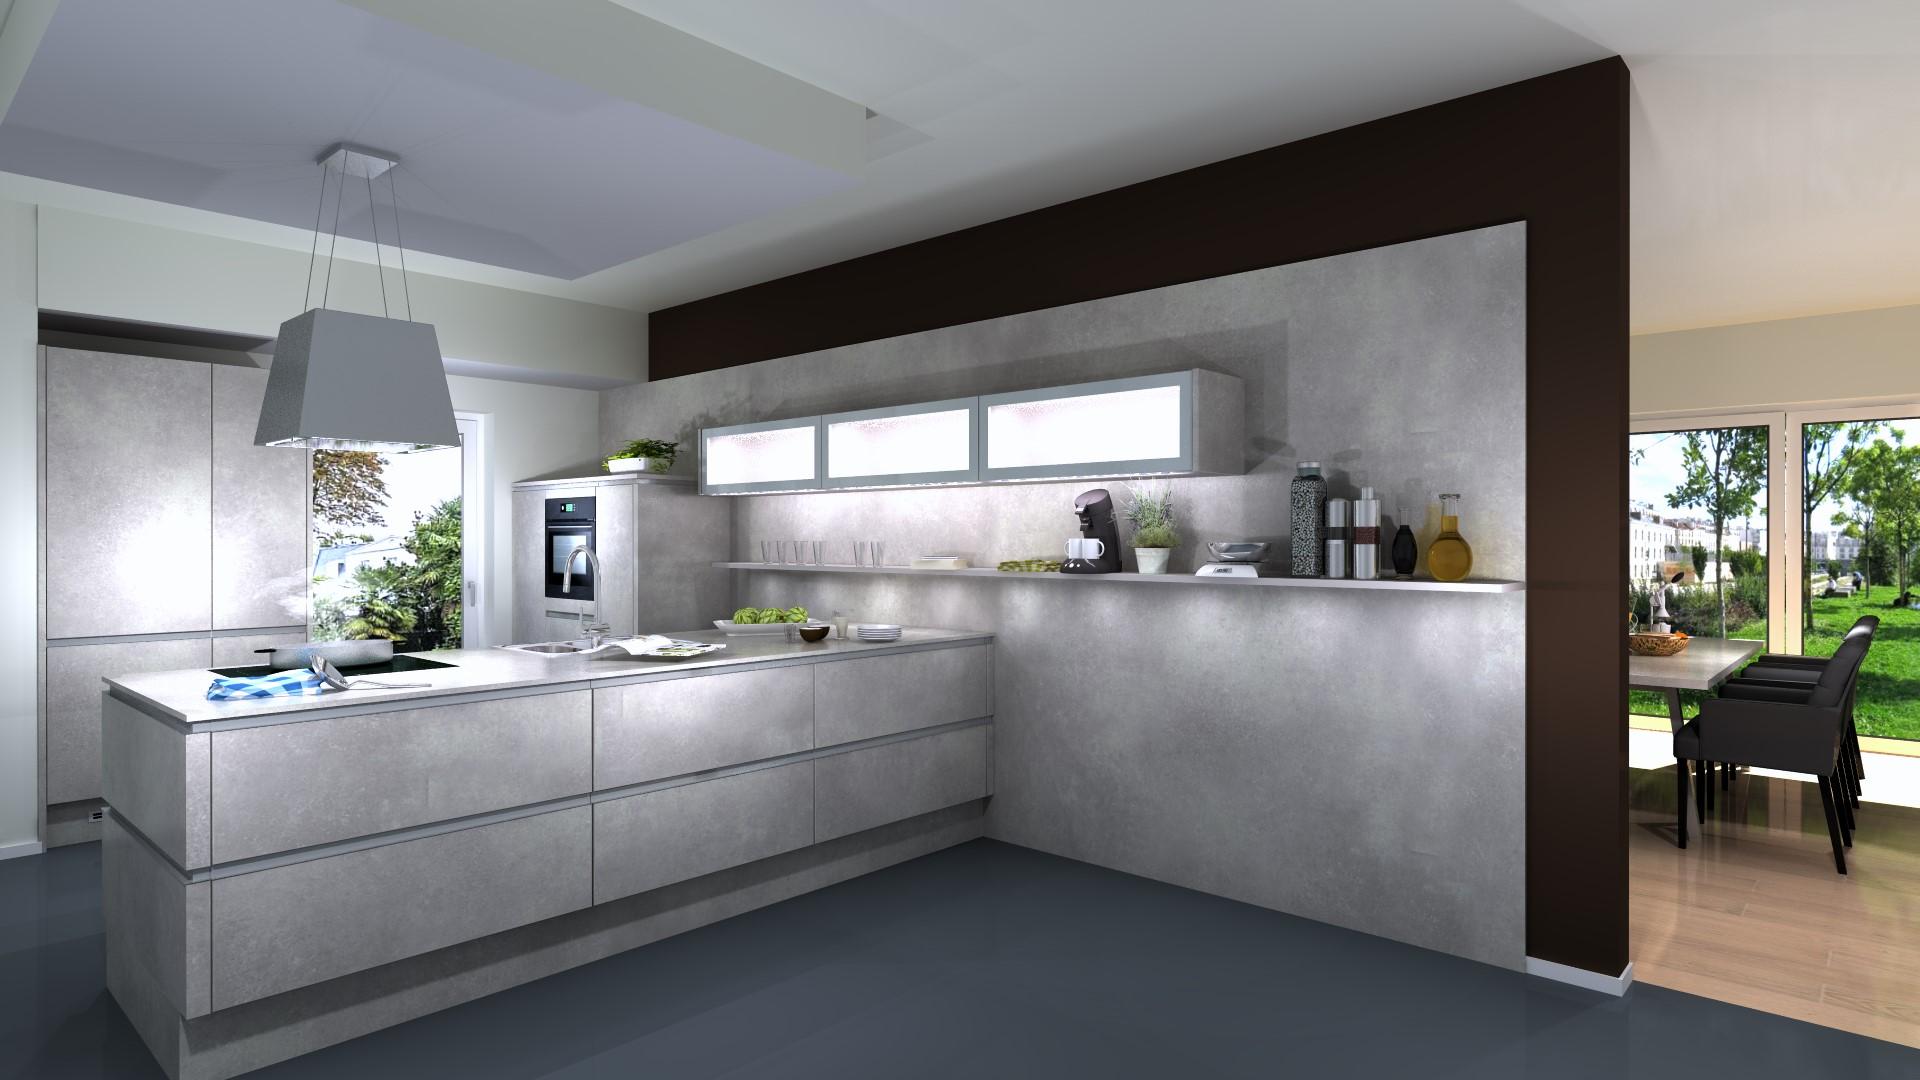 Full Size of Küchenblende Kchenblenden Wohnzimmer Küchenblende